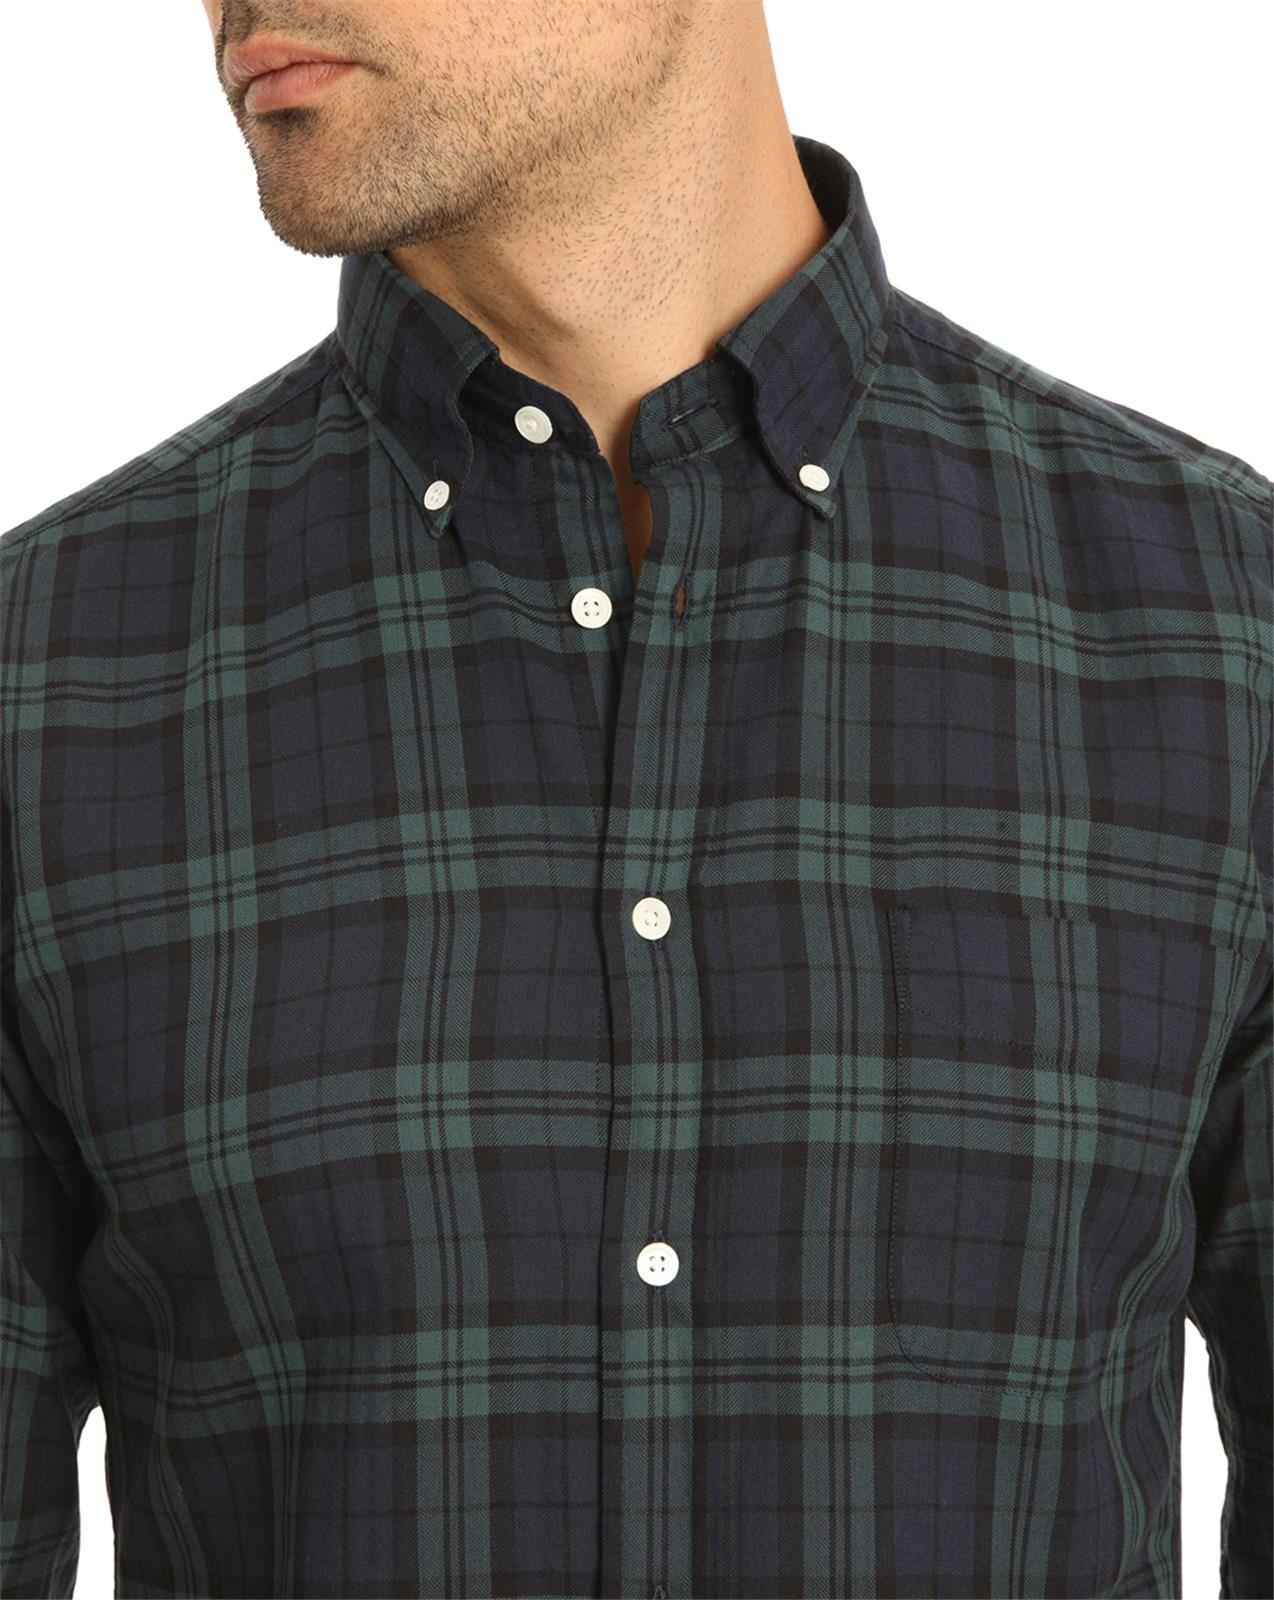 Green Tartan Shirt Mens | Artee Shirt